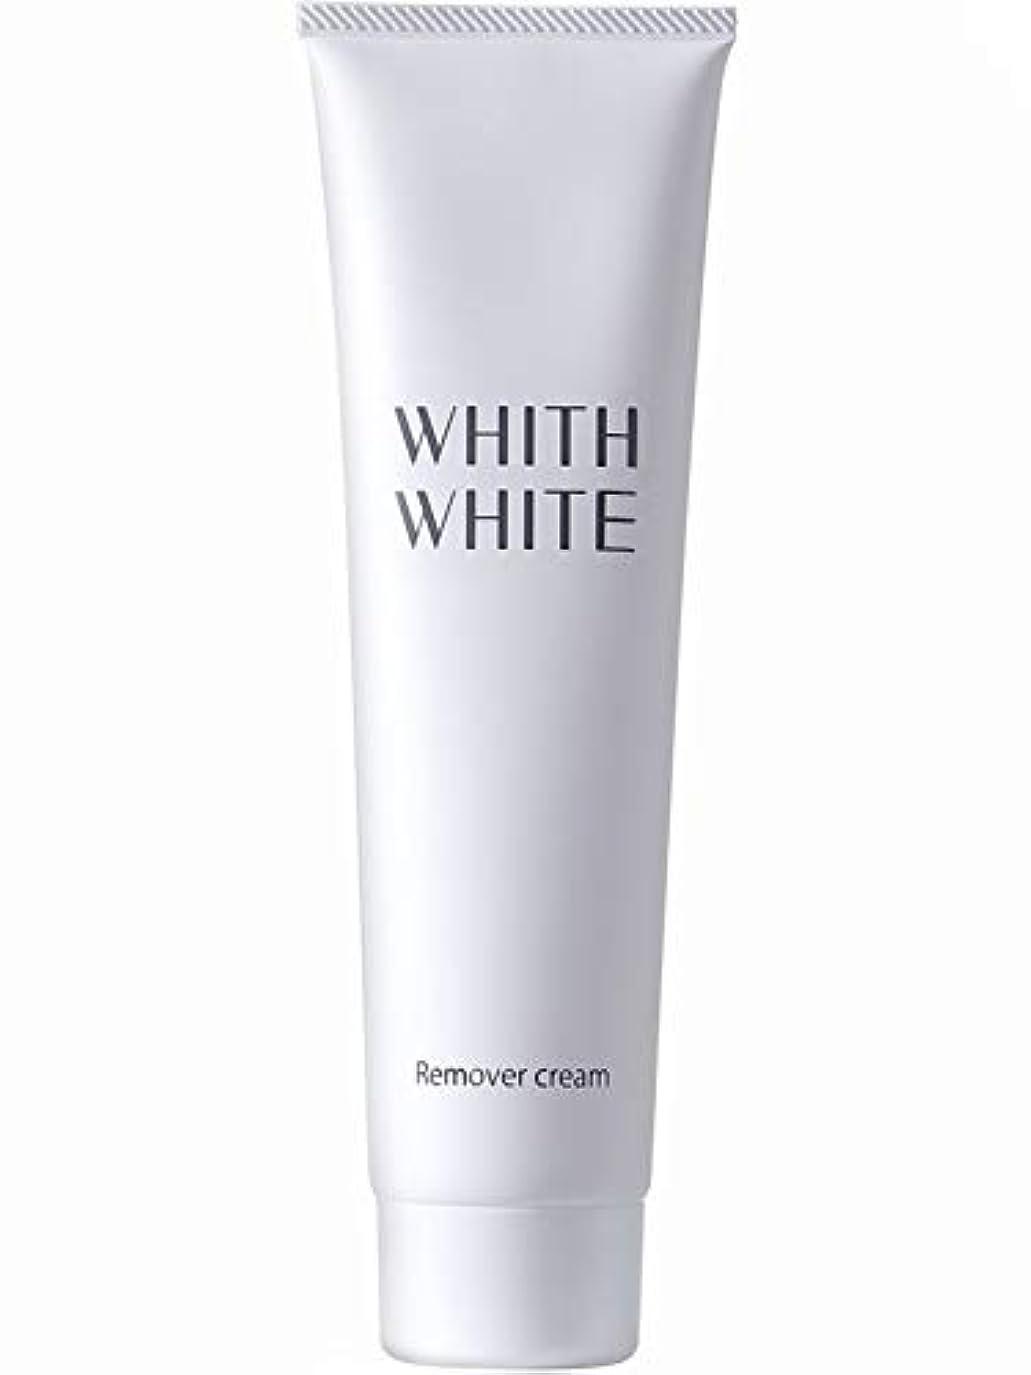 飛躍彼移住する【医薬部外品】 WHITH WHITE(フィス ホワイト) 除毛クリーム 150g 陰部 使用可能